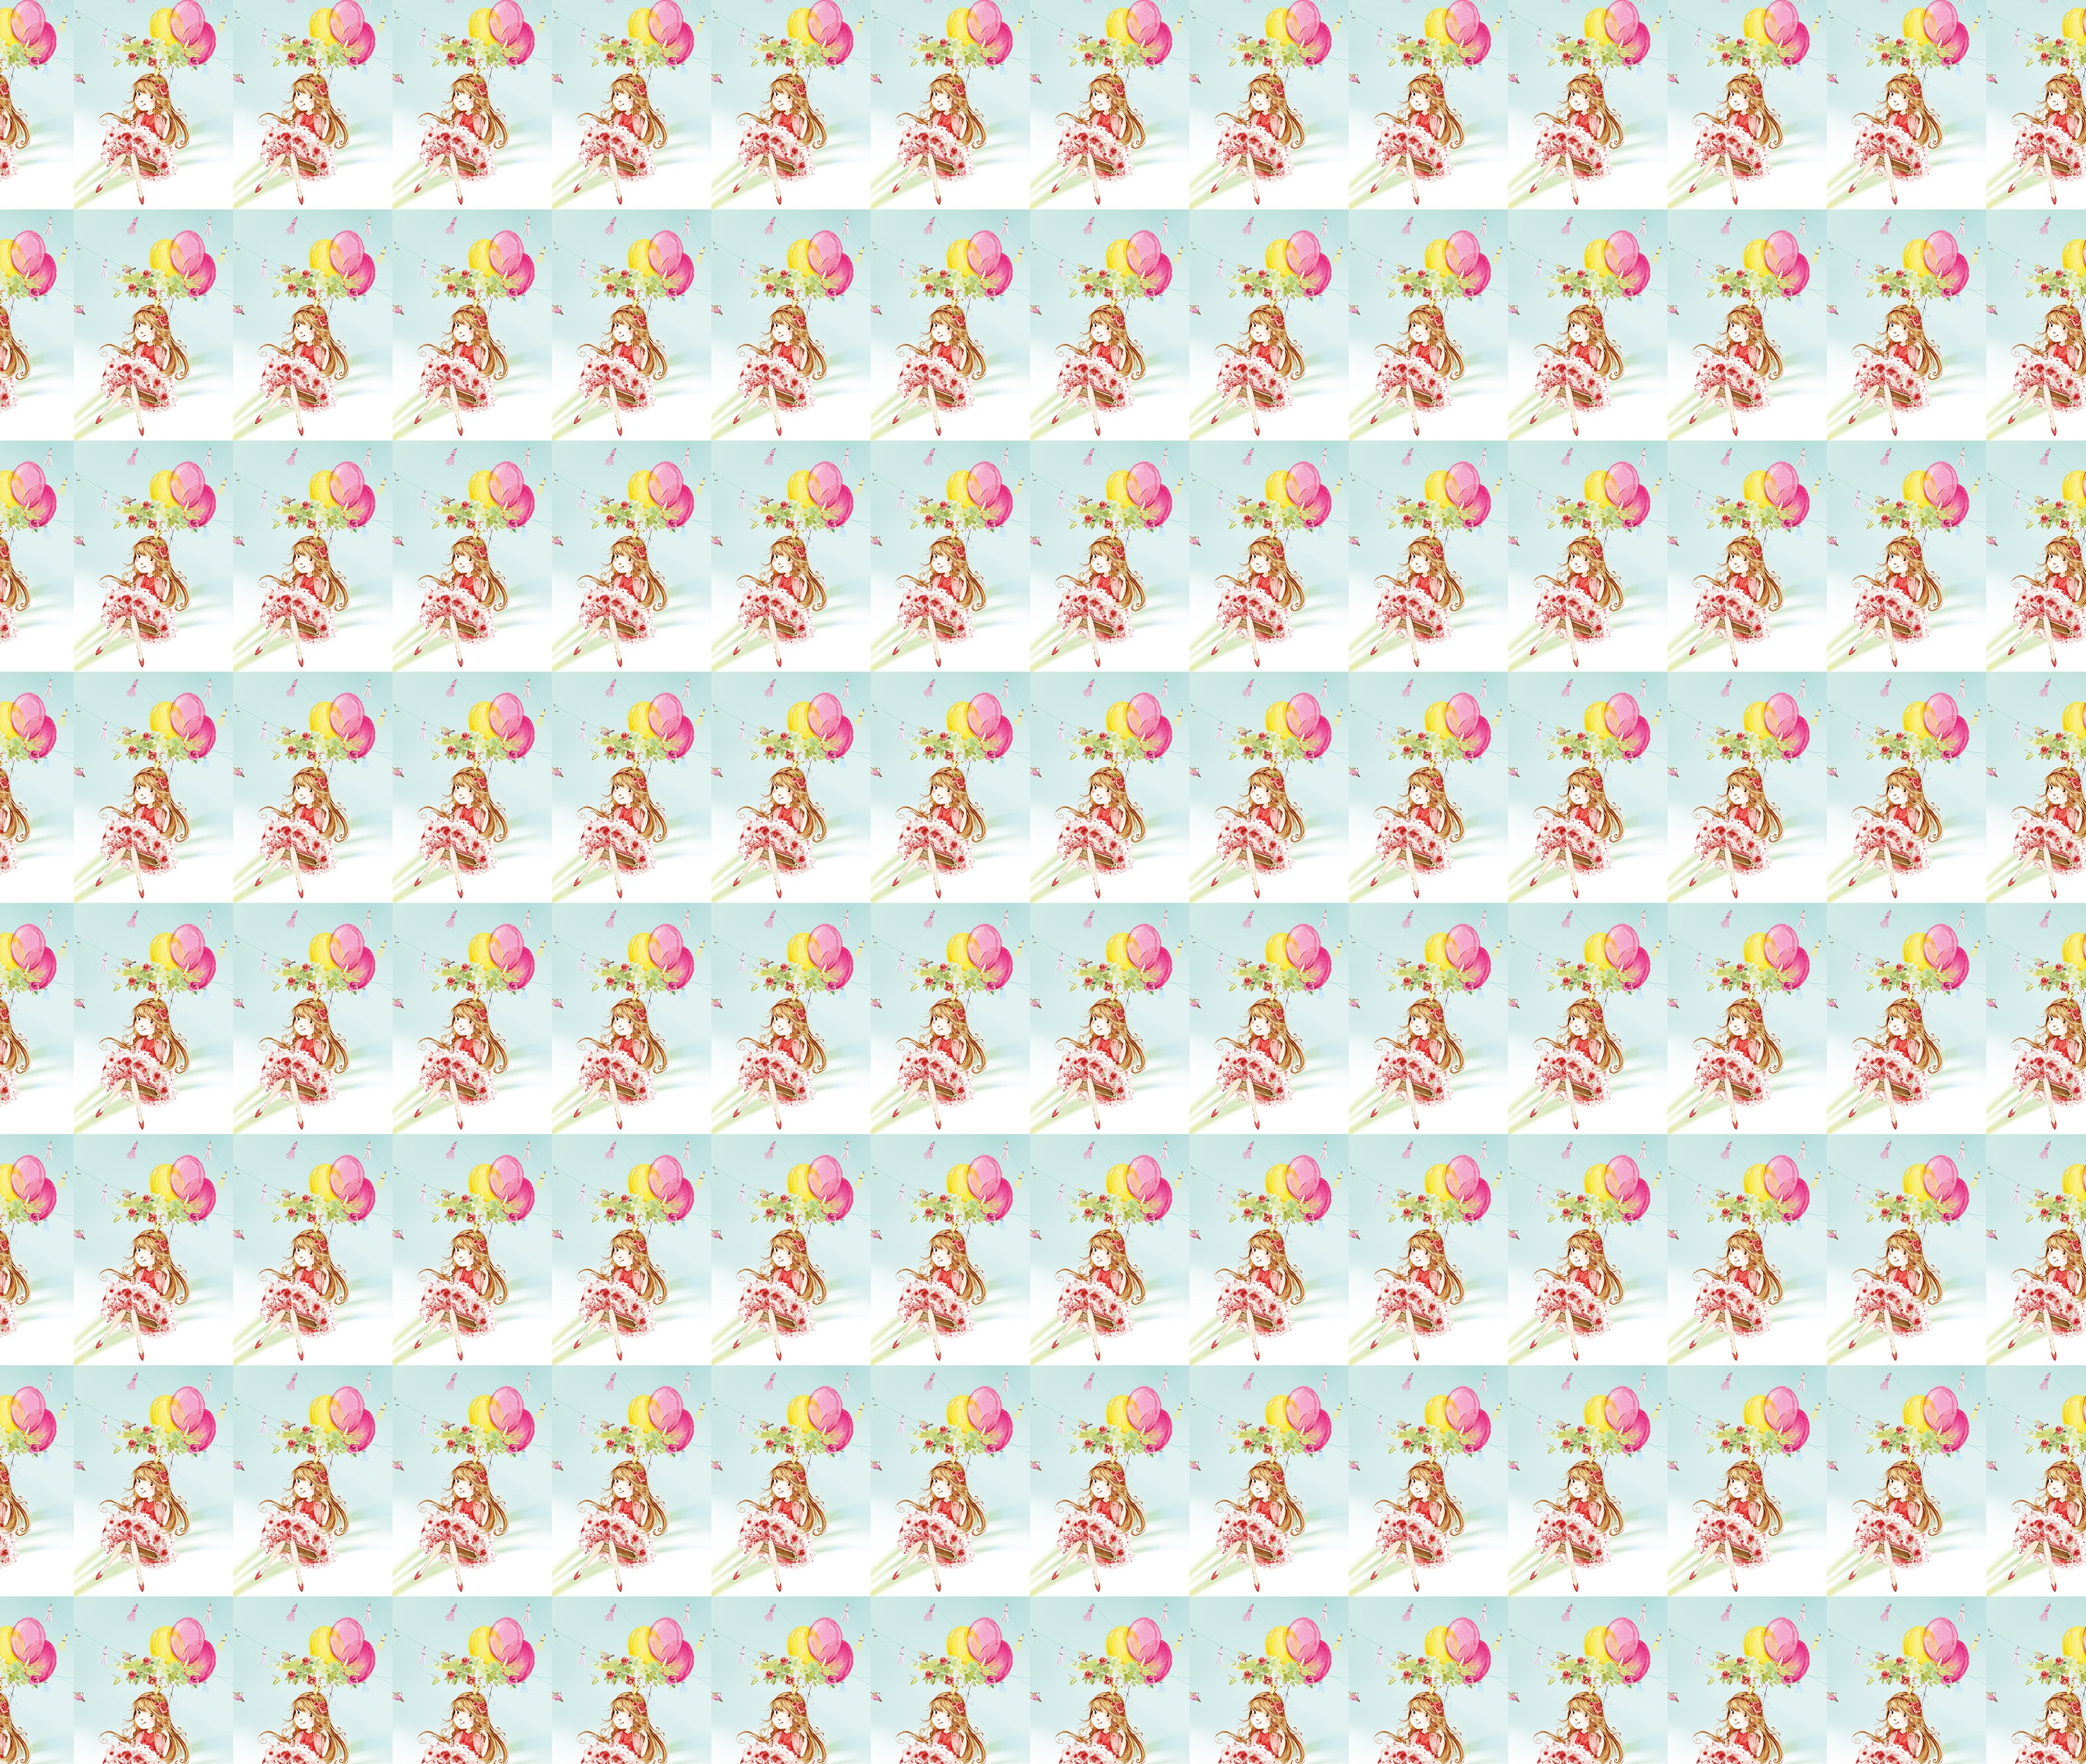 Impressão no padrão repetição, seguindo o conceito de papel de parede